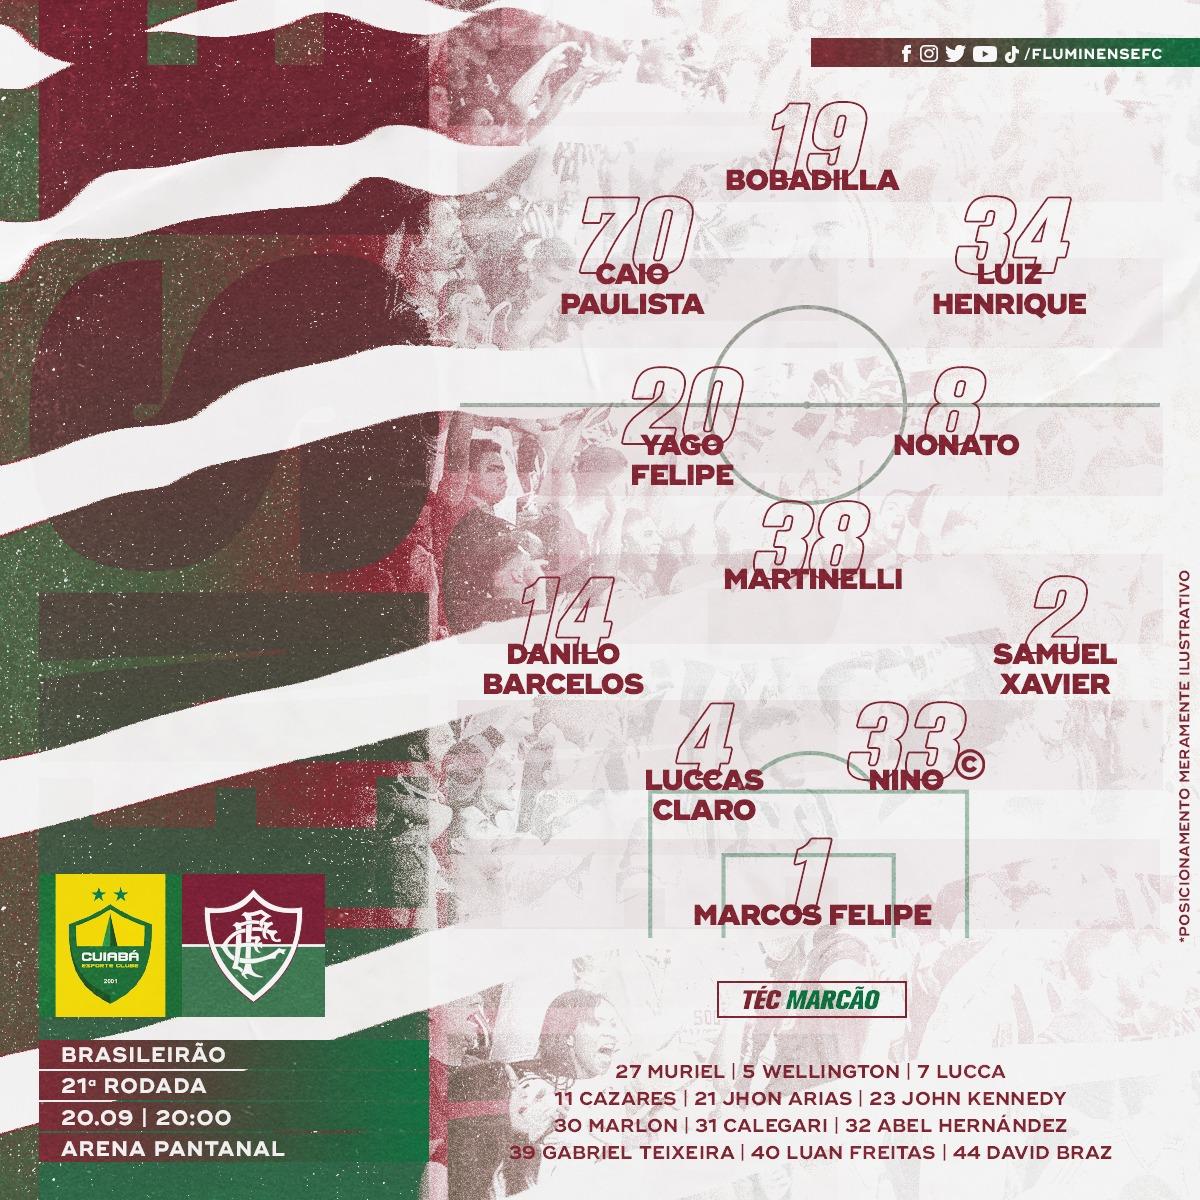 Fluminense escalado para pegar o Cuiabá pelo Campeonato Brasileiro